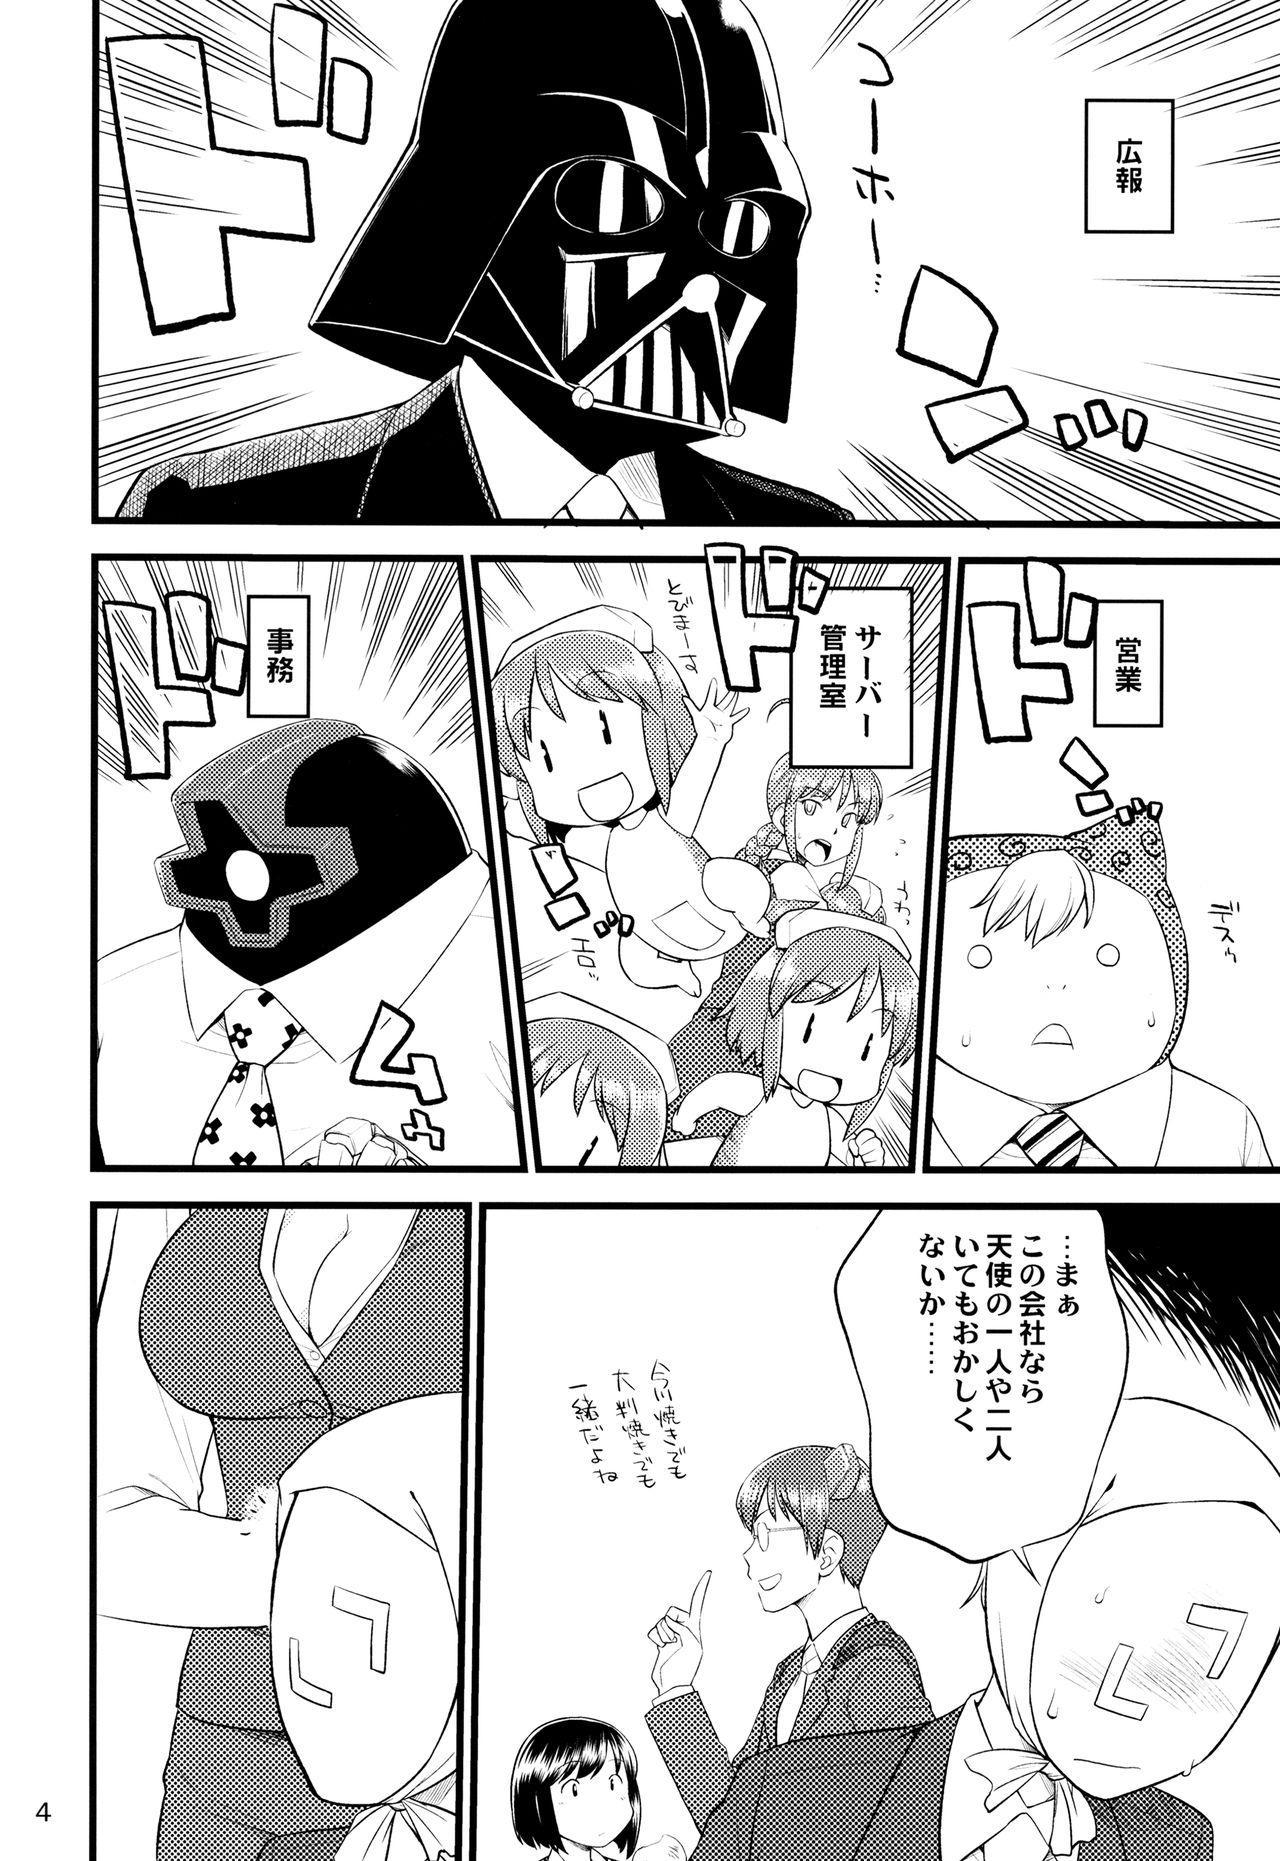 OL-san no Eroi Hon 2